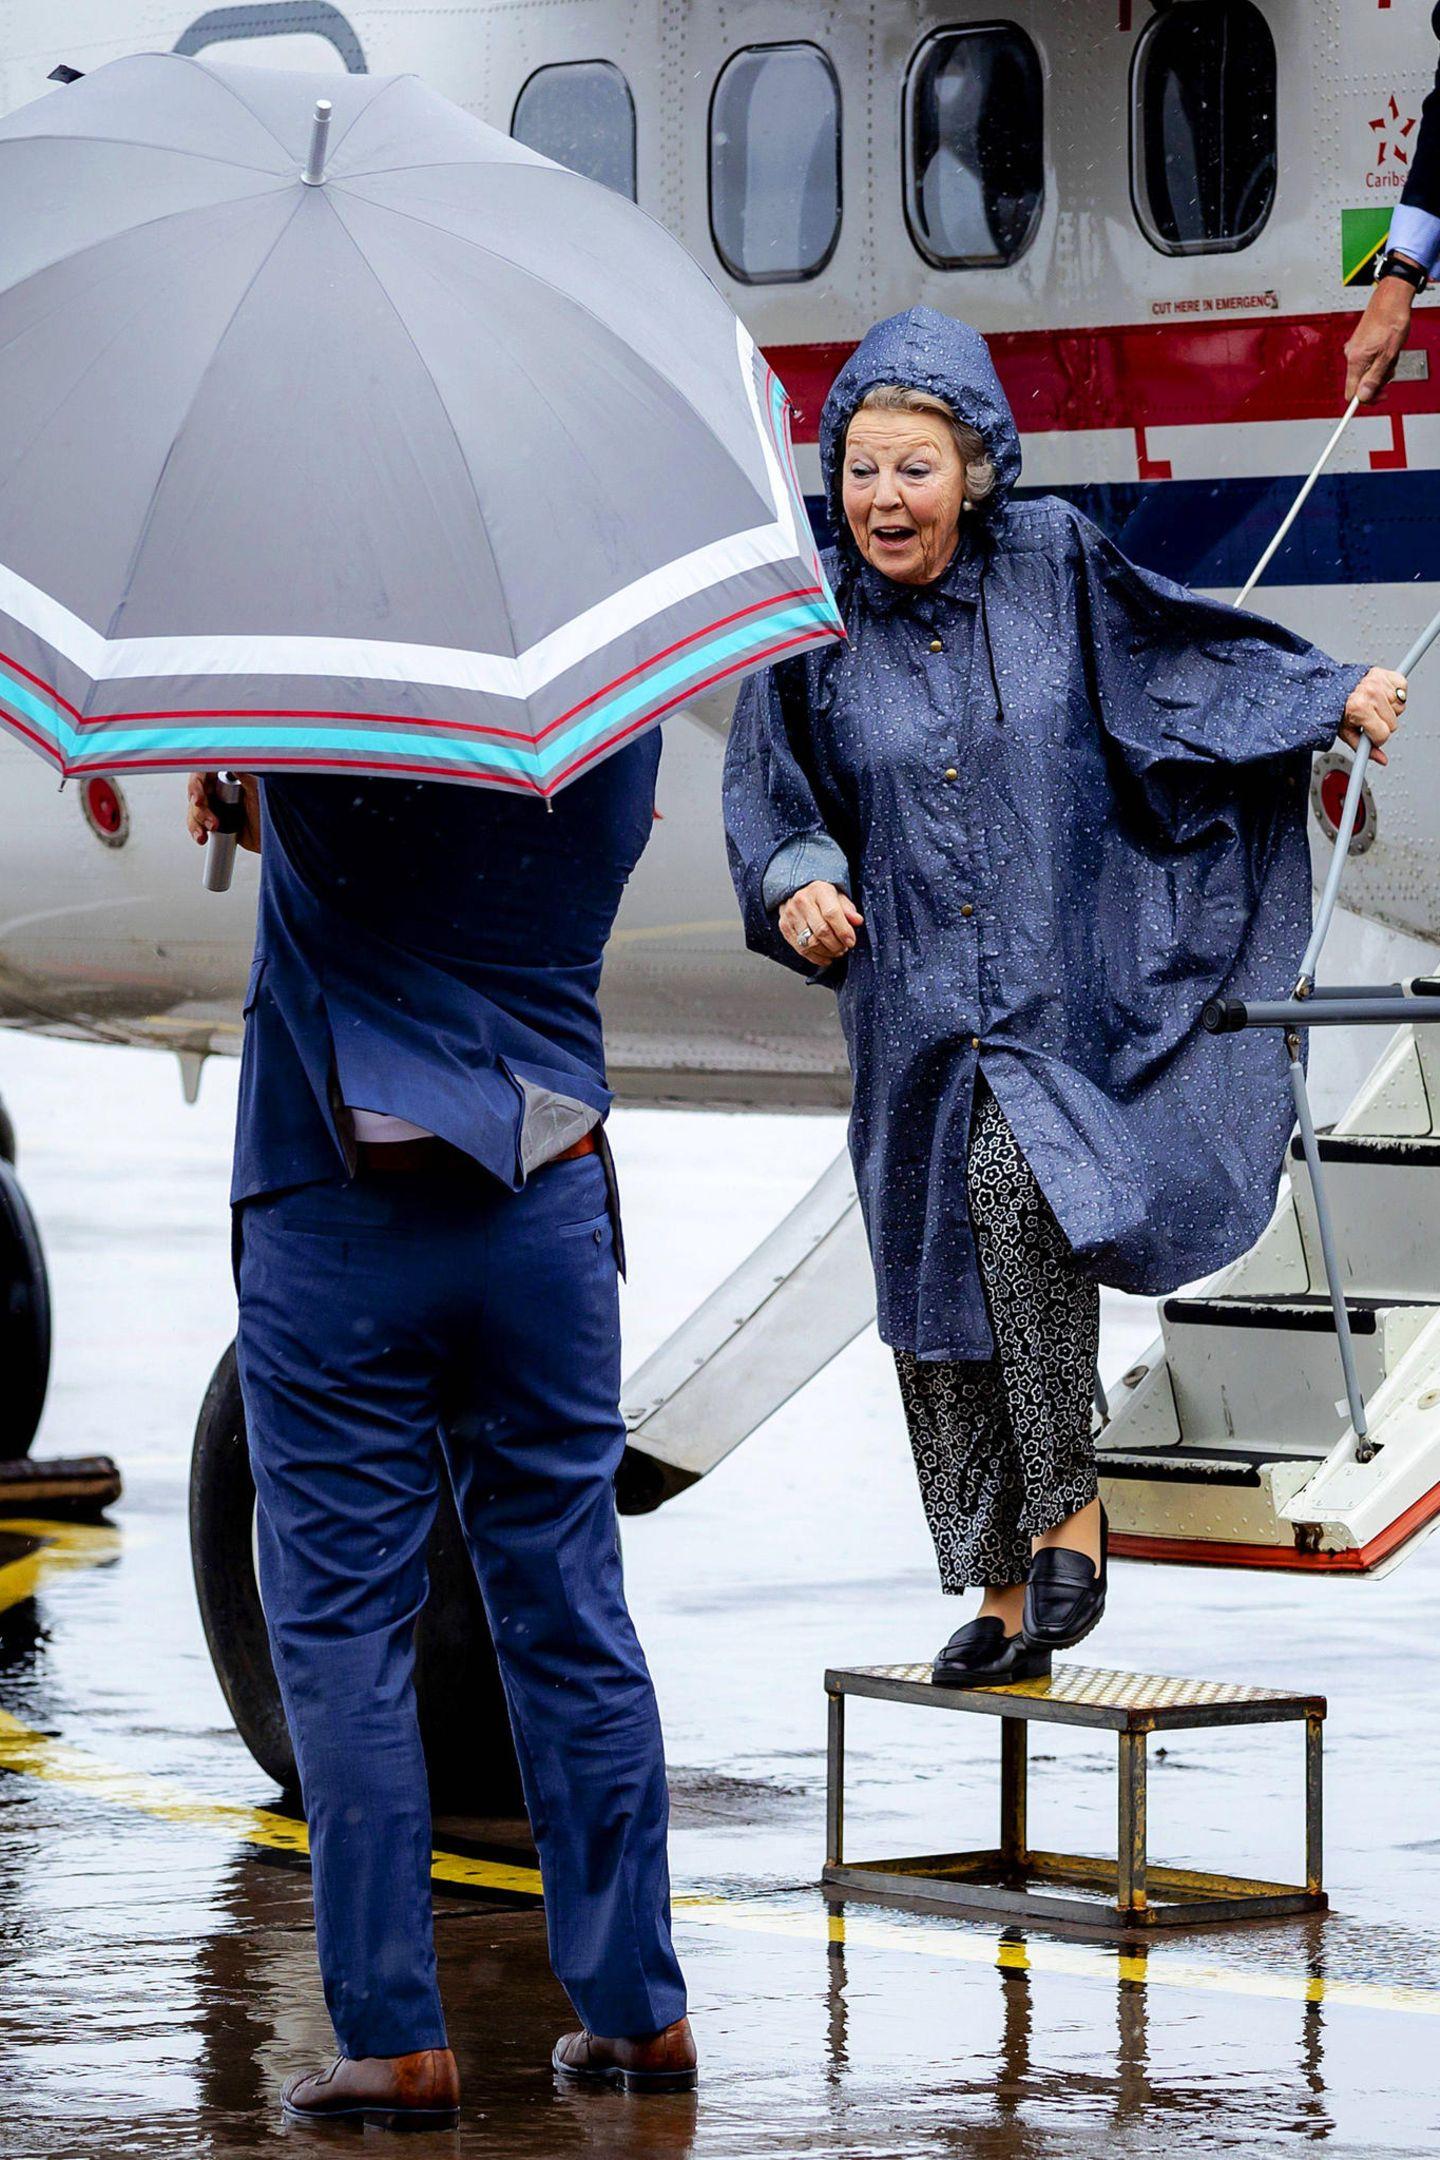 Bei der Ankunft von Prinzessin Beatrix auf der Insel Saba regnet es in Strömen. Zum Glück ist die Prinzessin mit einem Regenmantel gegen das schlechte Wetter bestens gerüstet und auch ein Schirmträger steht schon bereit.